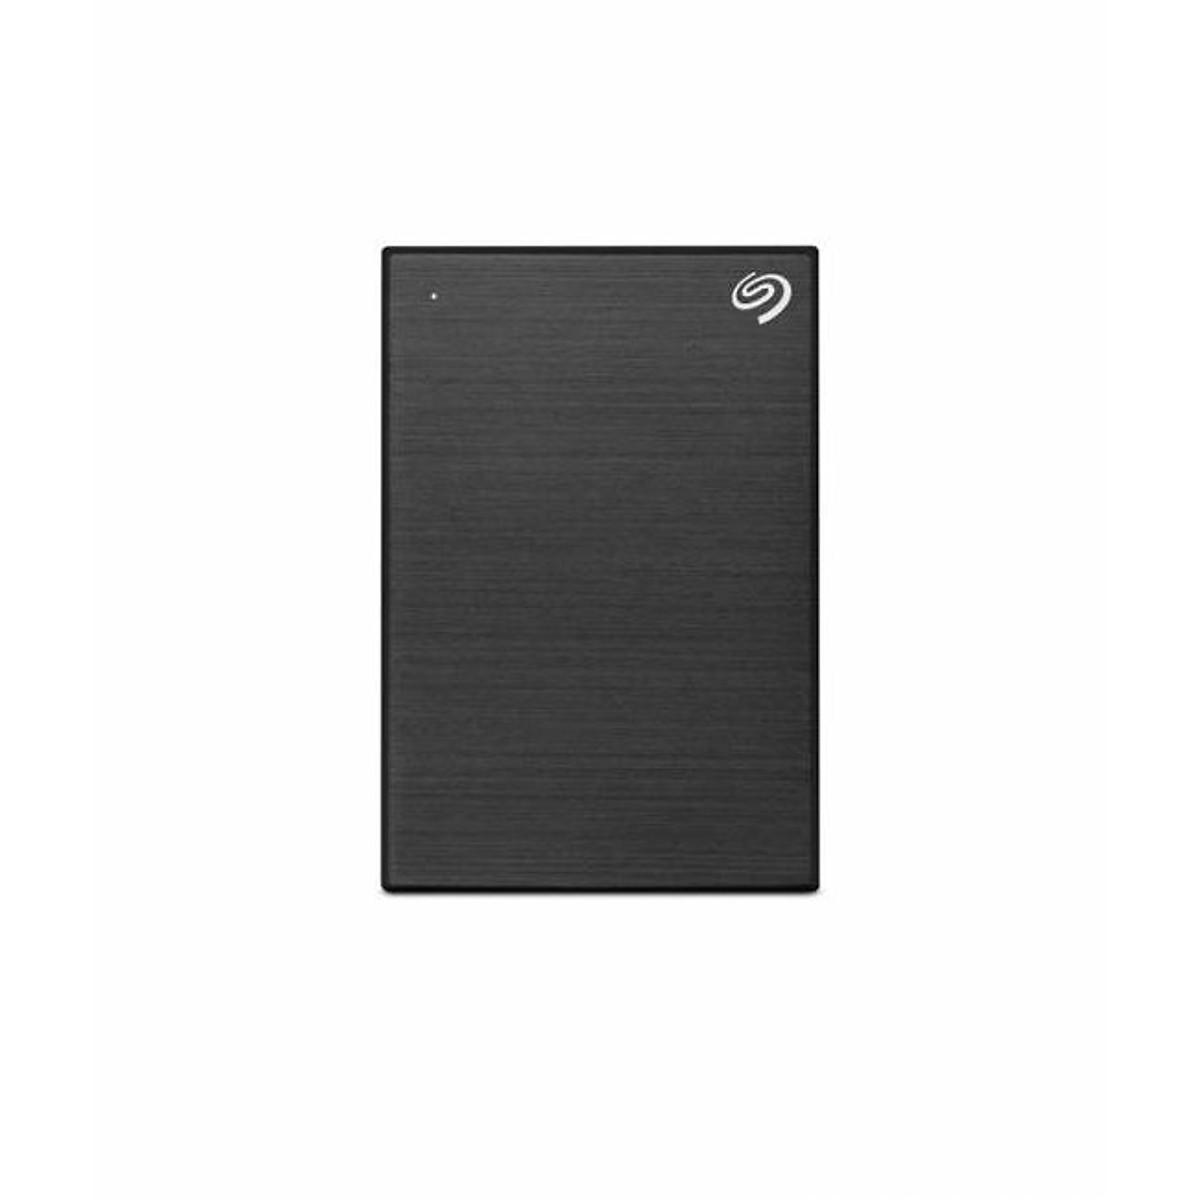 Ổ Cứng Di Động Seagate Backup Plus 5TB 2.5 inch USB 3.0 – Hàng Nhập Khẩu